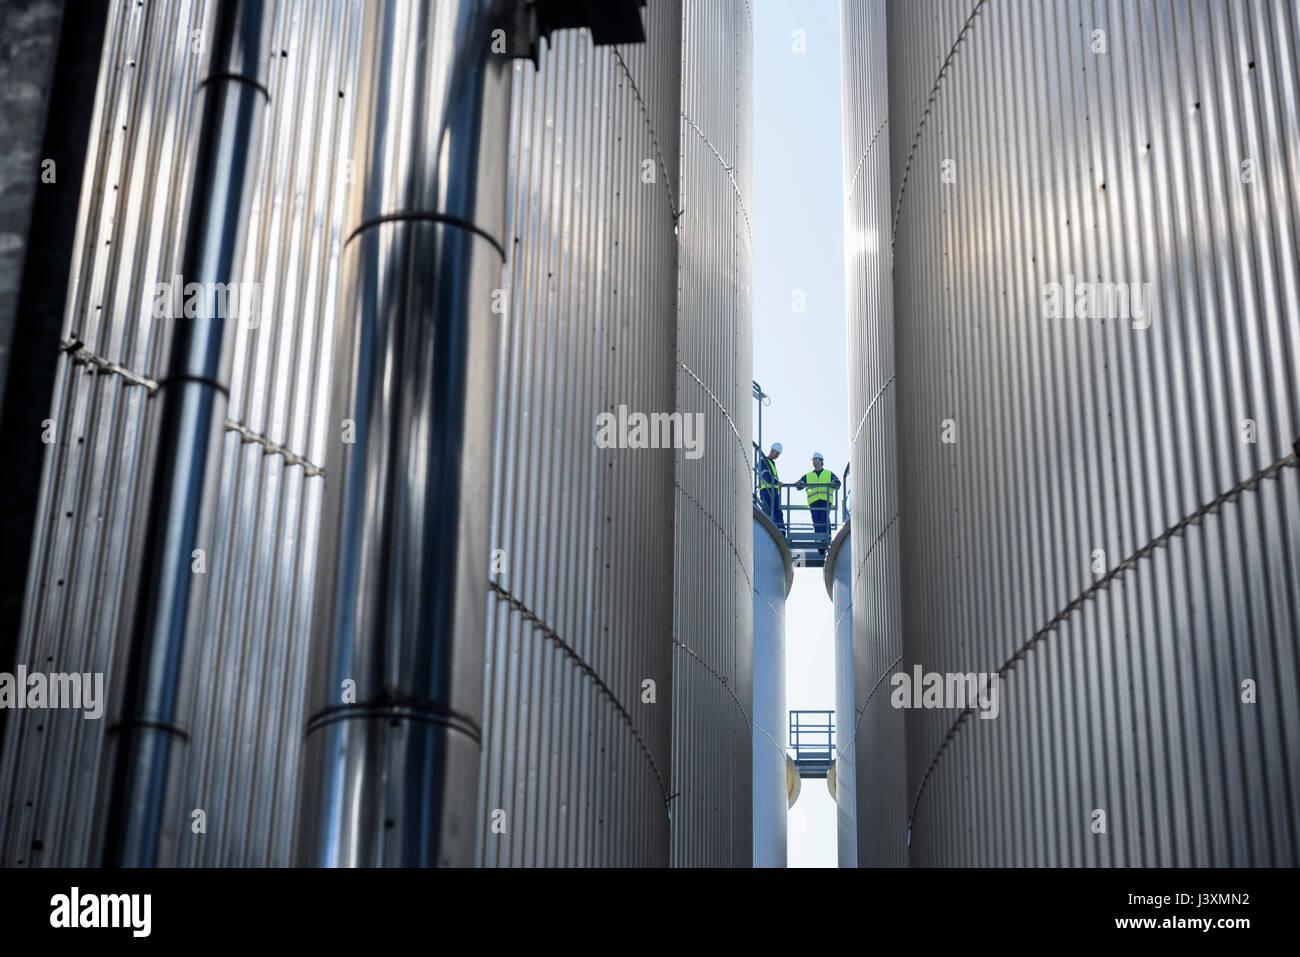 Lavoratore sulla parte superiore dei serbatoi di stoccaggio dell'olio in fabbrica di miscelazione Immagini Stock